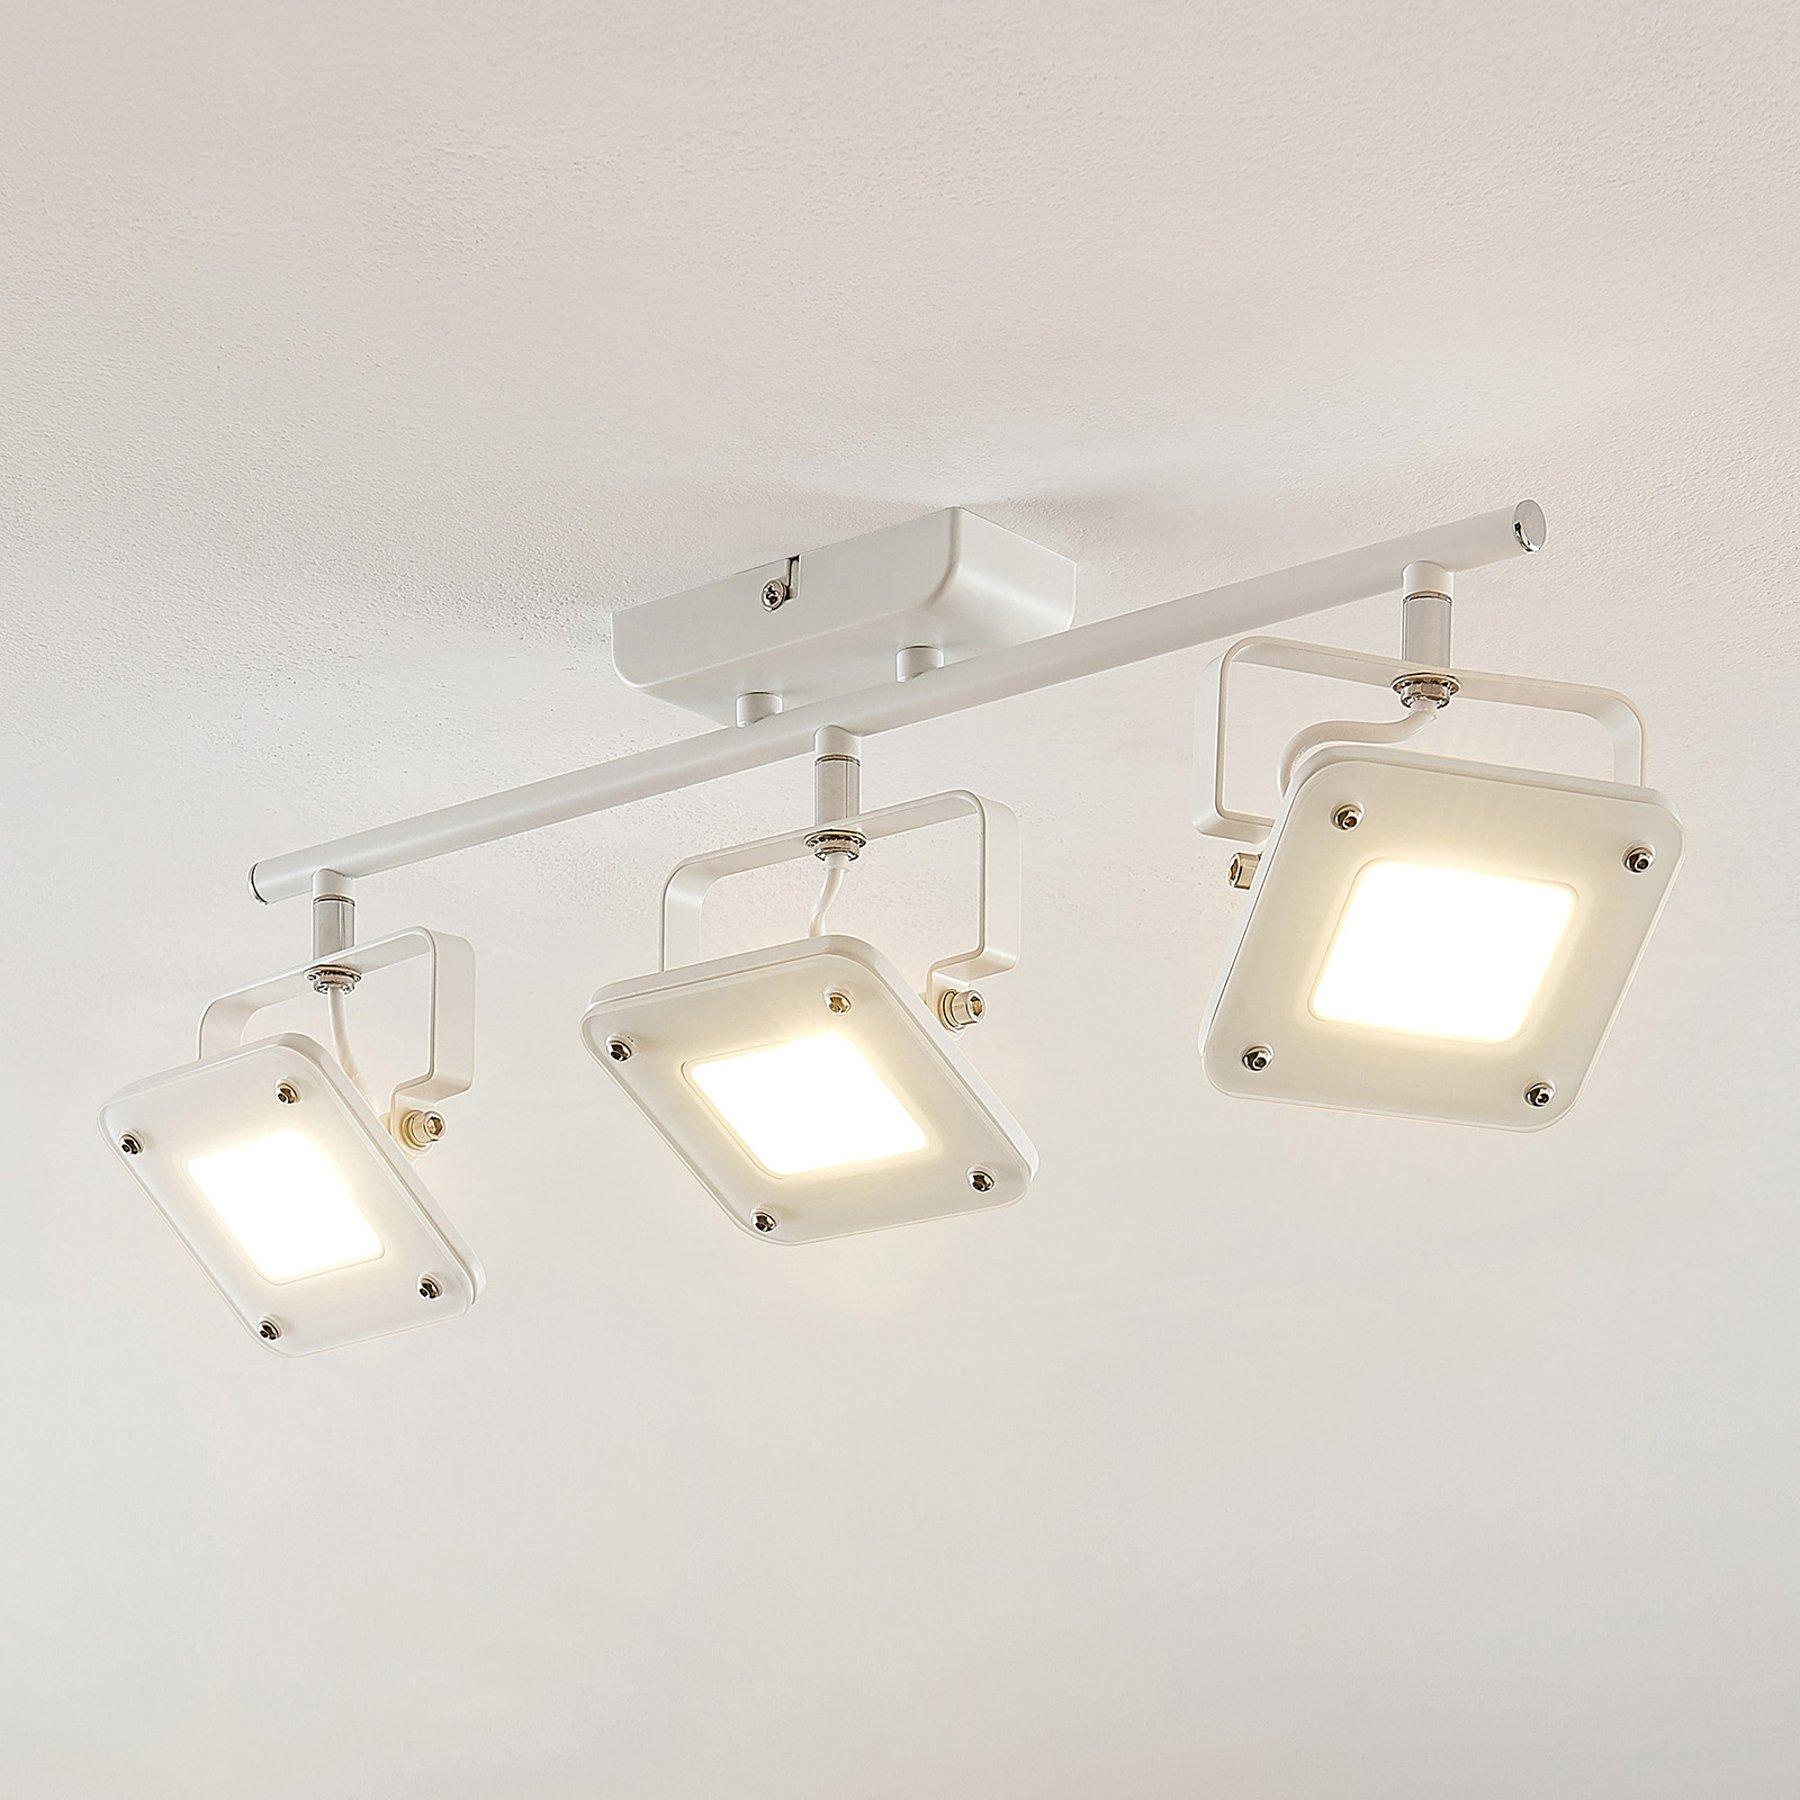 LED-takspot Juliana, dimbar, 3 lyskilder